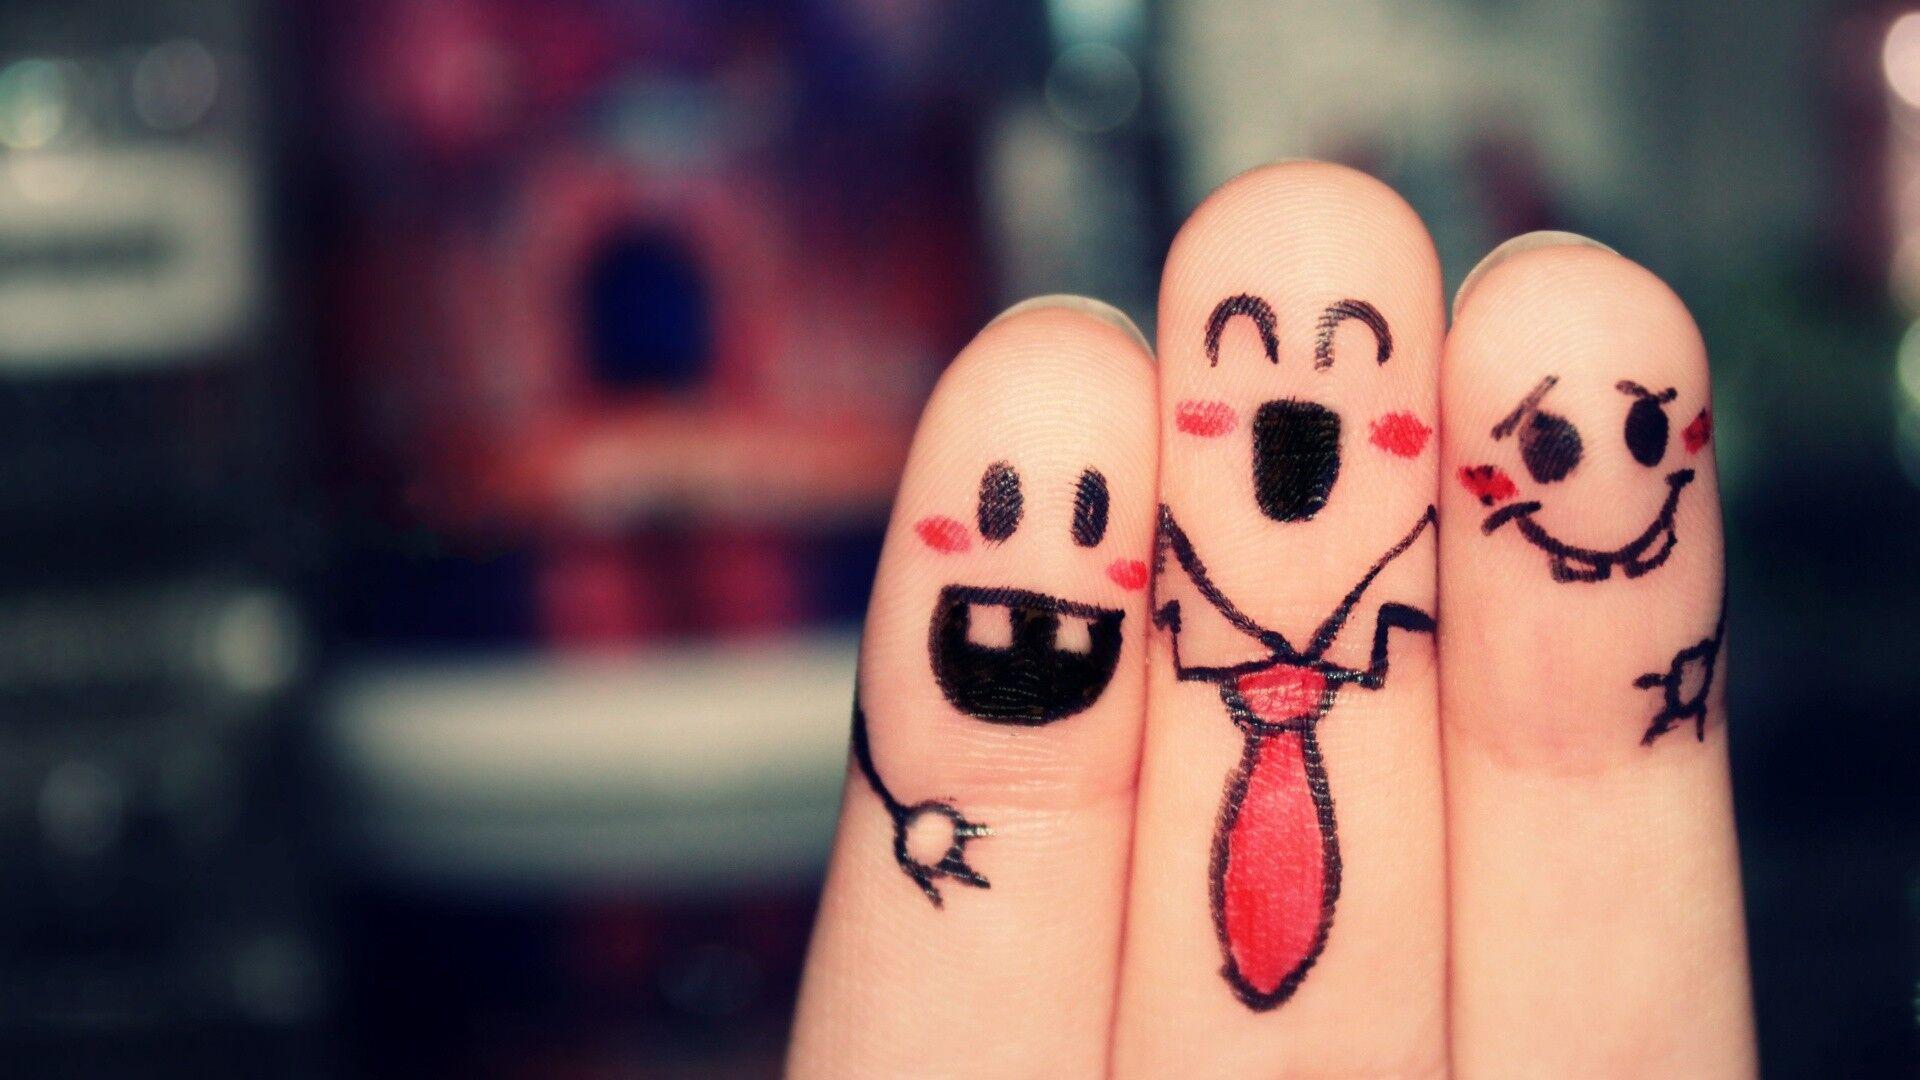 7 coisas que melhores amigos que cresceram juntos entendem perfeitamente